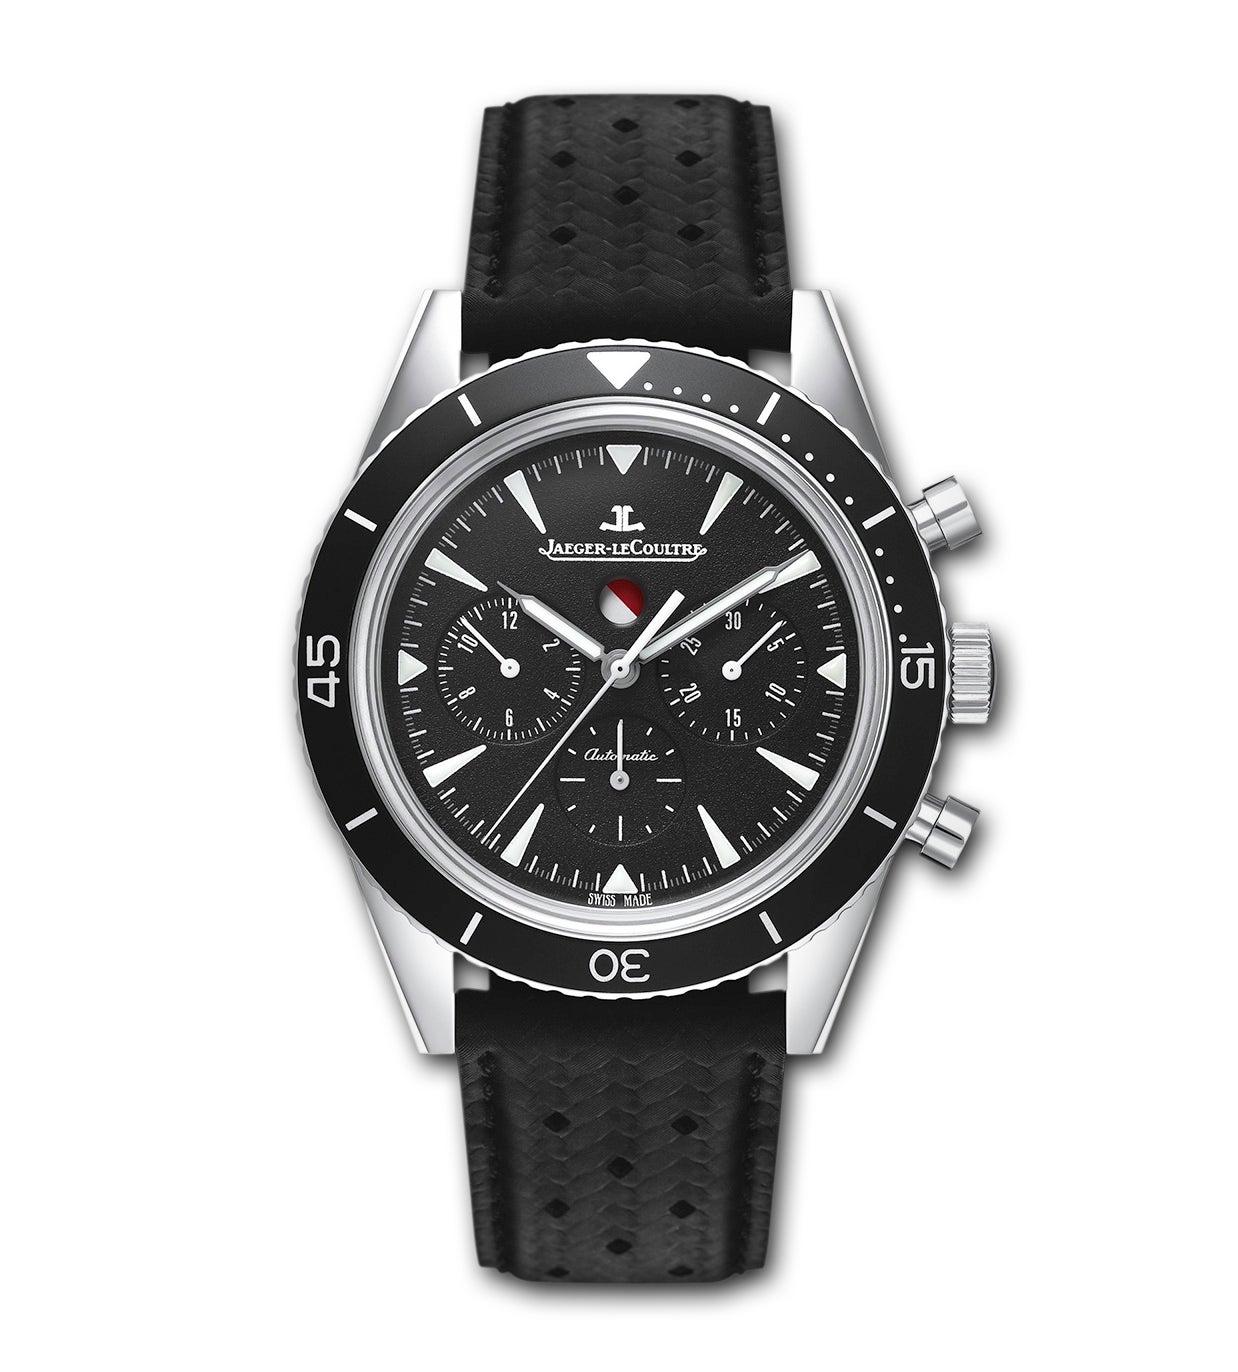 ジャガールクルト  黒文字盤 ディープシー クロノグラフ ダイバース ステンレス 腕時計の買取強化例です。